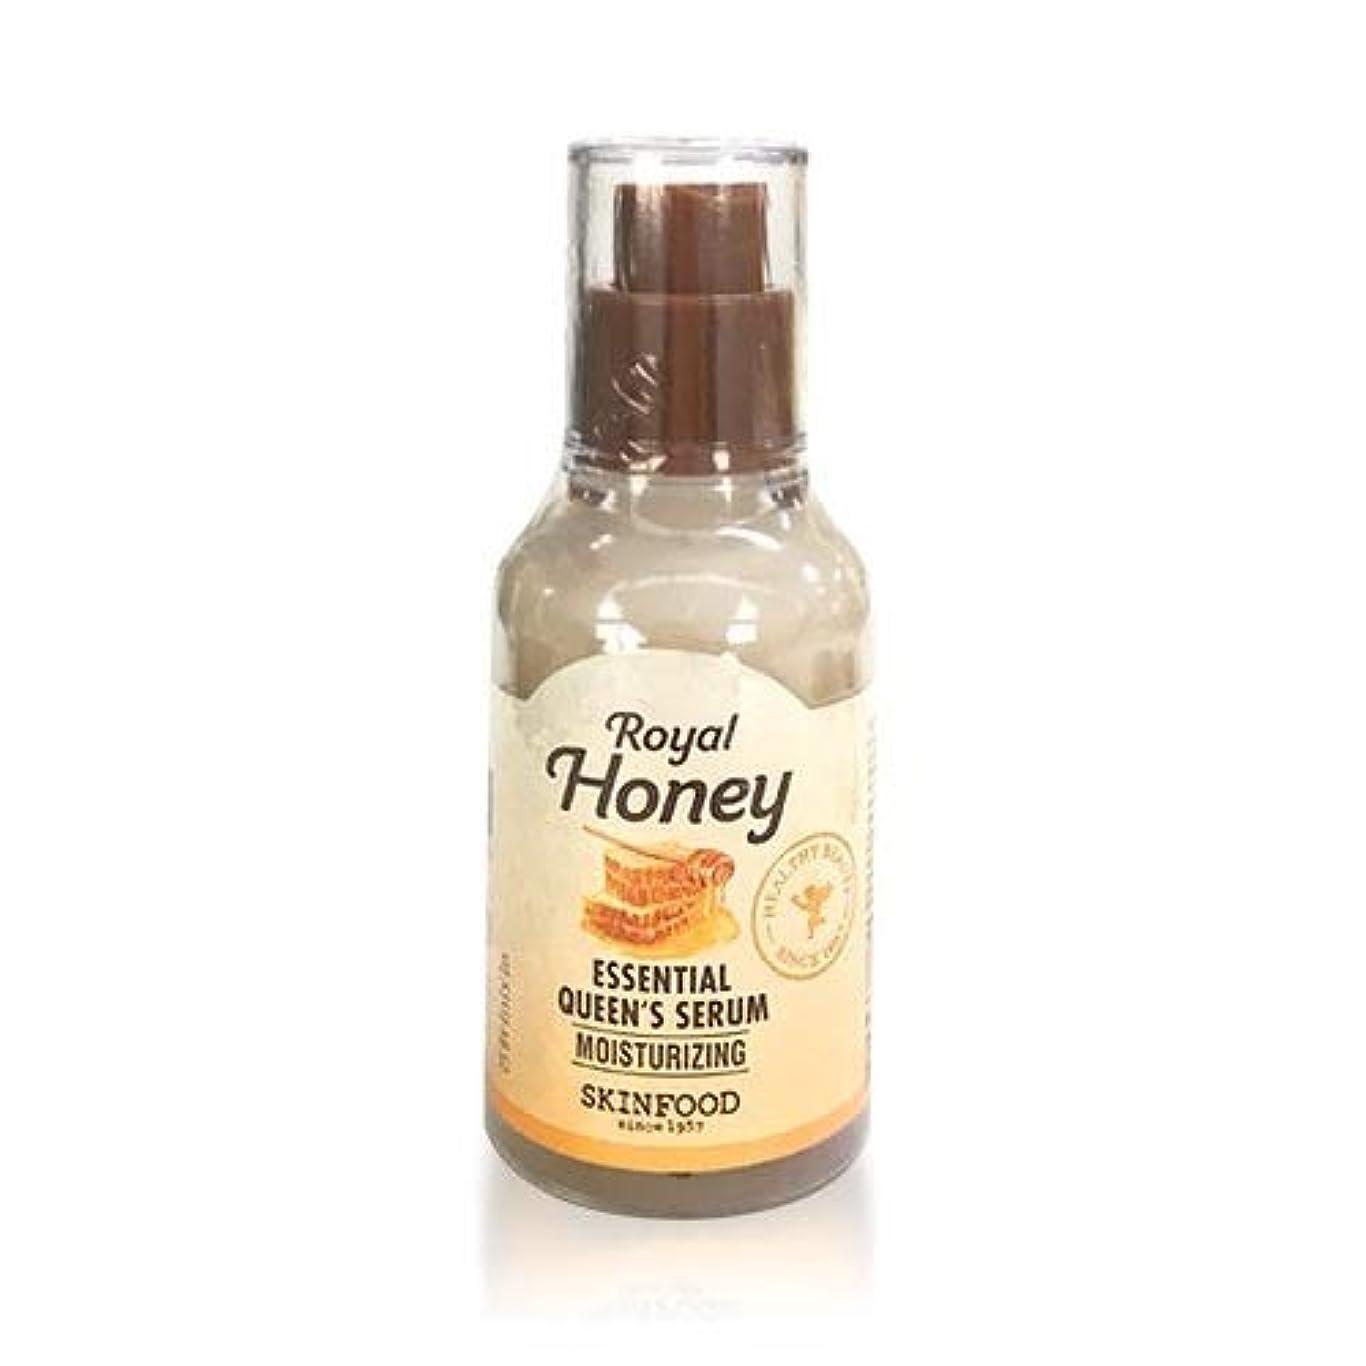 いいねなんとなく桁[リニューアル] スキンフード ロイヤルハニーエッセンシャル クィーンズセラム 美容液 50ml / SKINFOOD Royal Honey Essential Queen's Serum 50ml [並行輸入品]